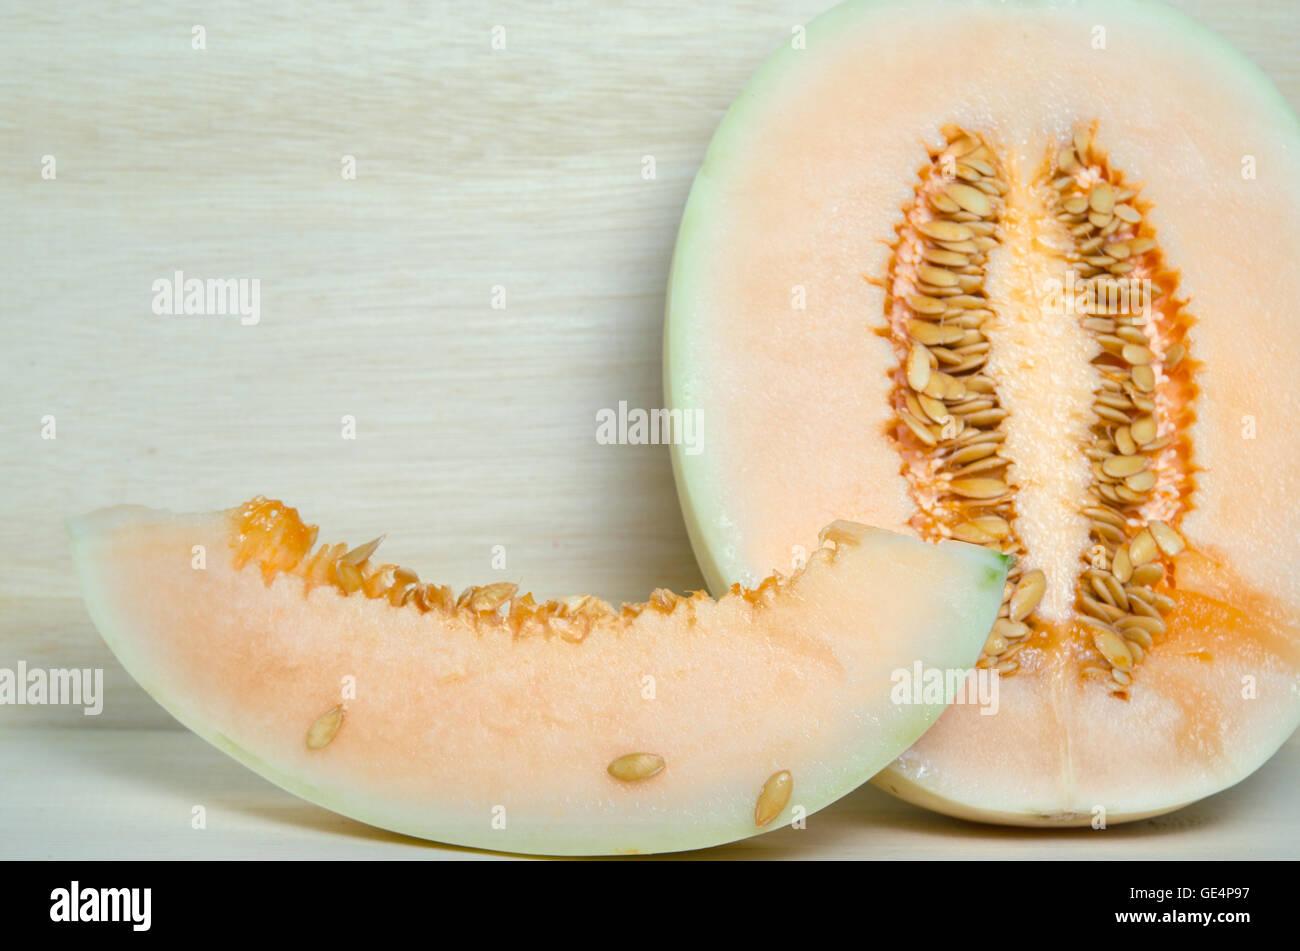 Fette di melone o Charentais melone o Cucumis melo var. cantalupensis sulla tavola di legno sfondo Immagini Stock